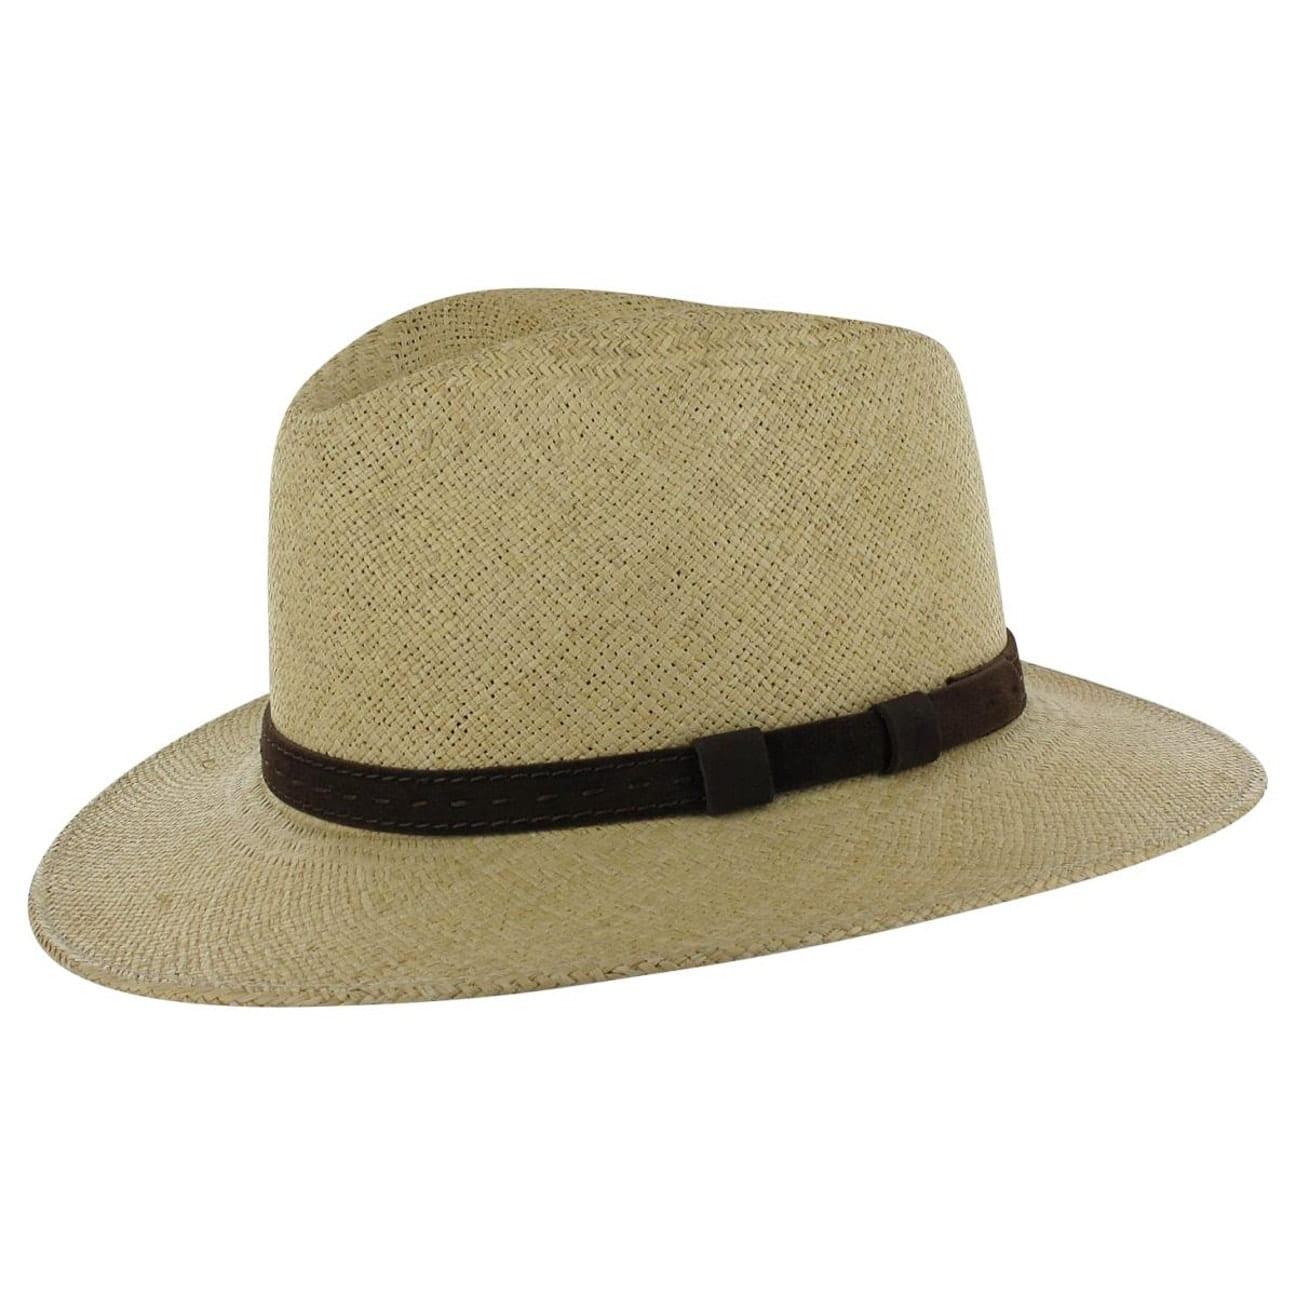 Sombrero de Paja Panamá Torcido by Lierys - Sombreros - sombreroshop.es 841f468fe9a